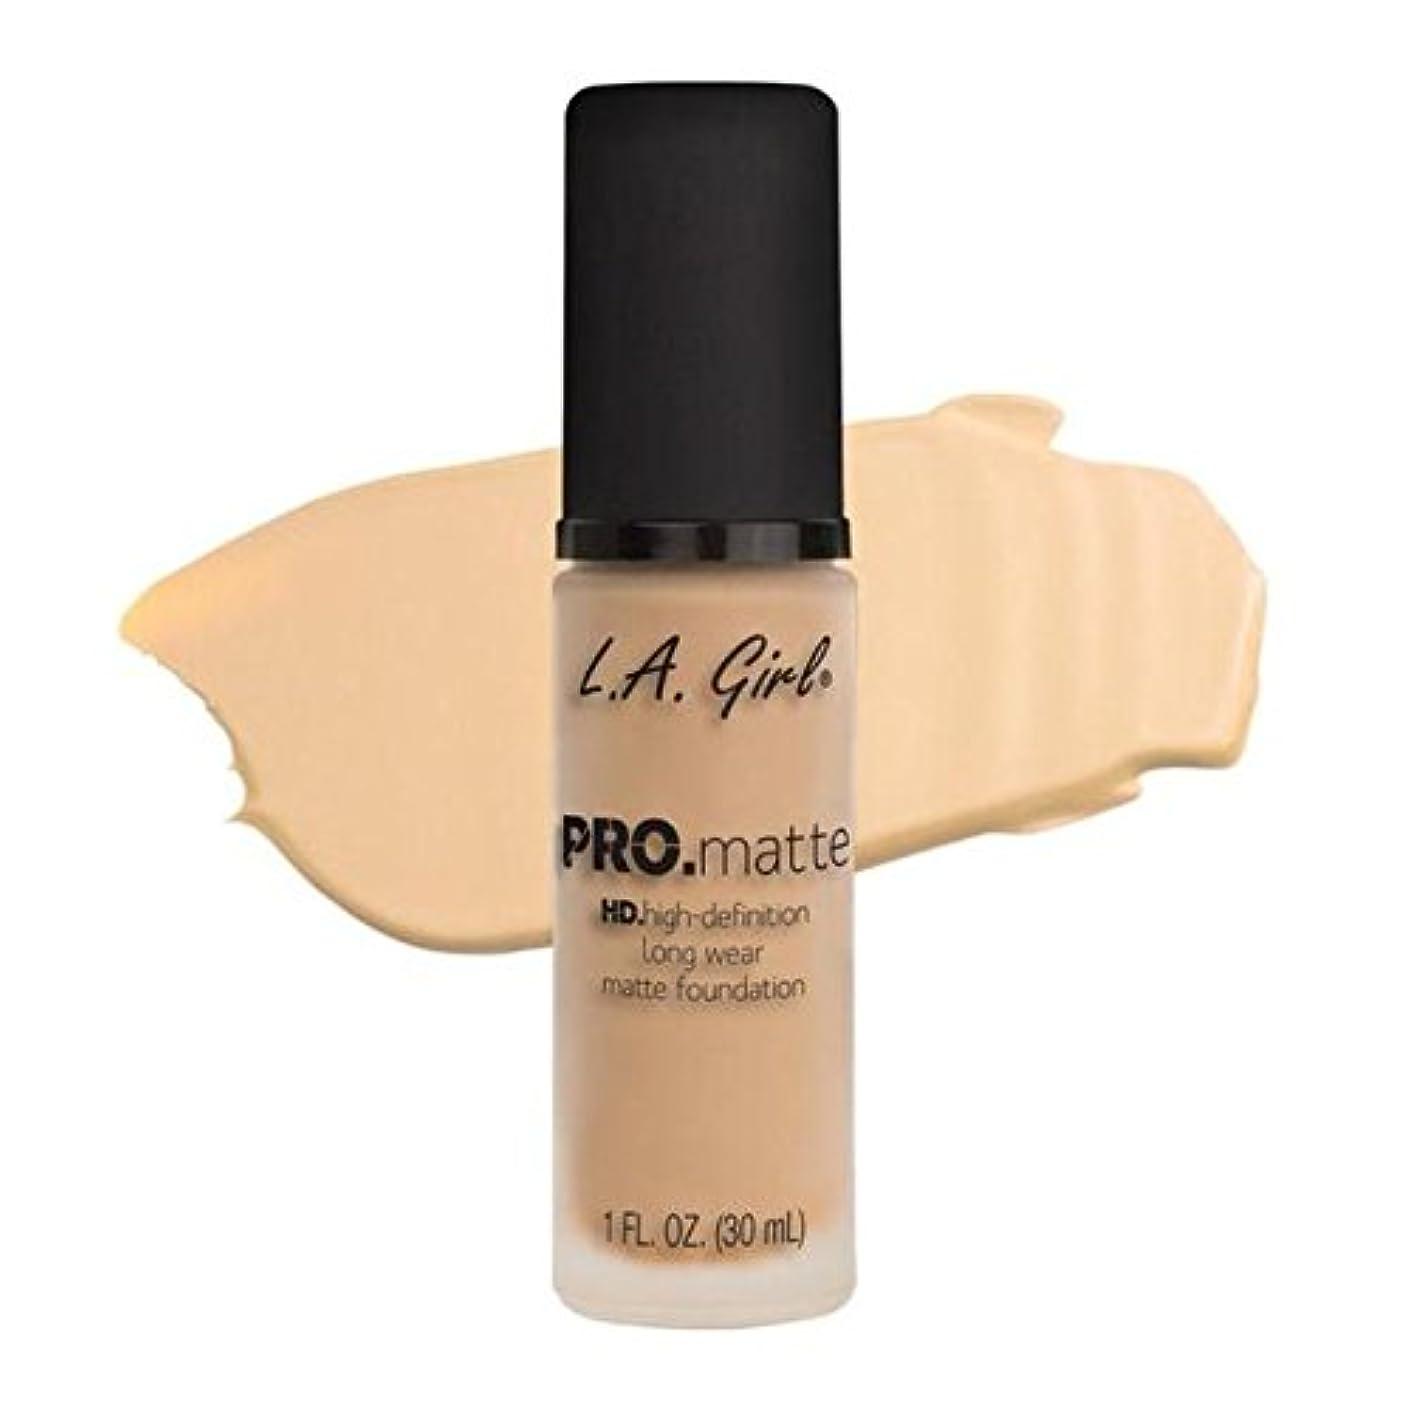 従事した連帯記念LA Girl PRO.mattte HD.high-definition long wear matte foundation (GLM671 Ivory)